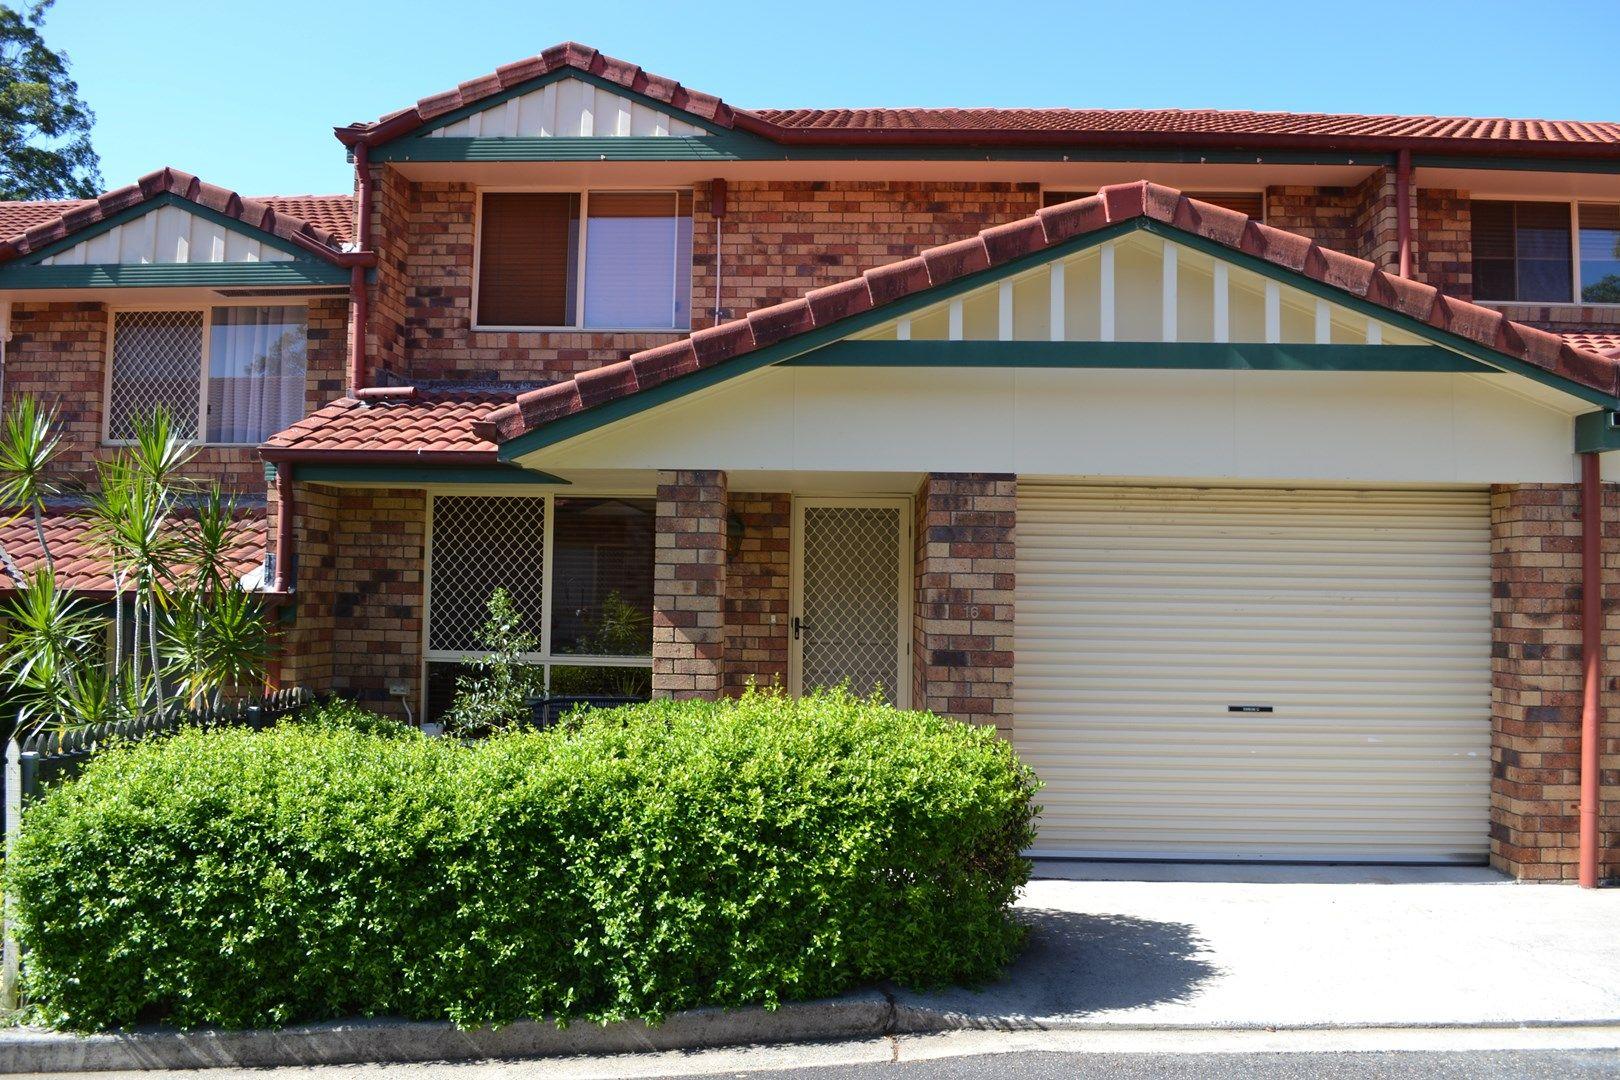 16/142 BUNYA ROAD, Arana Hills QLD 4054, Image 1